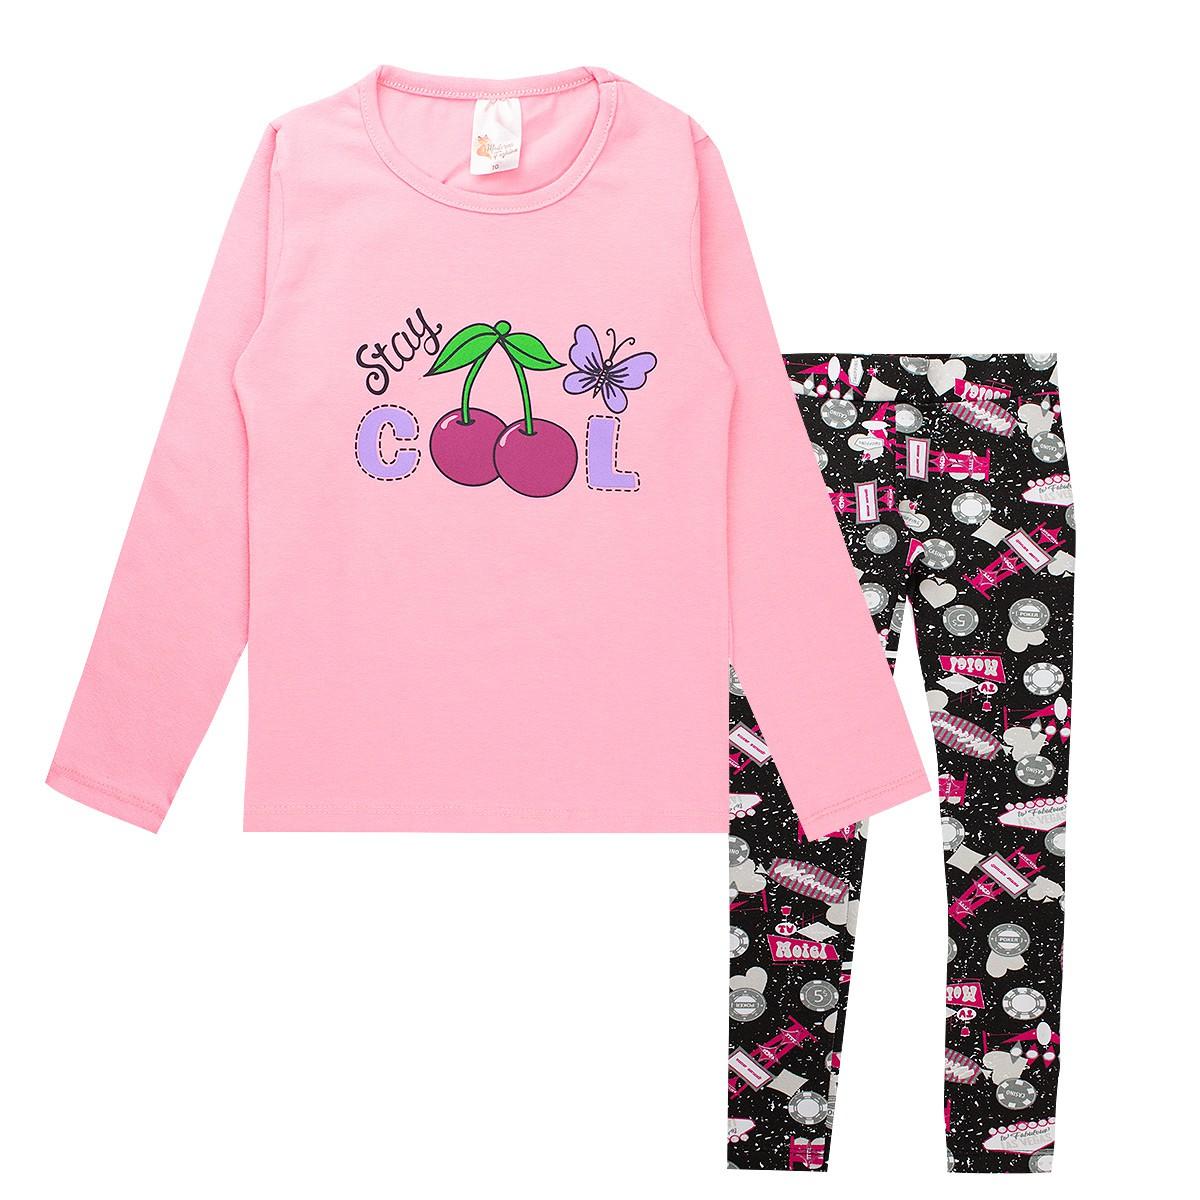 Conjunto Infantil Menina Estampado Cotton Stay Coll - Rosa